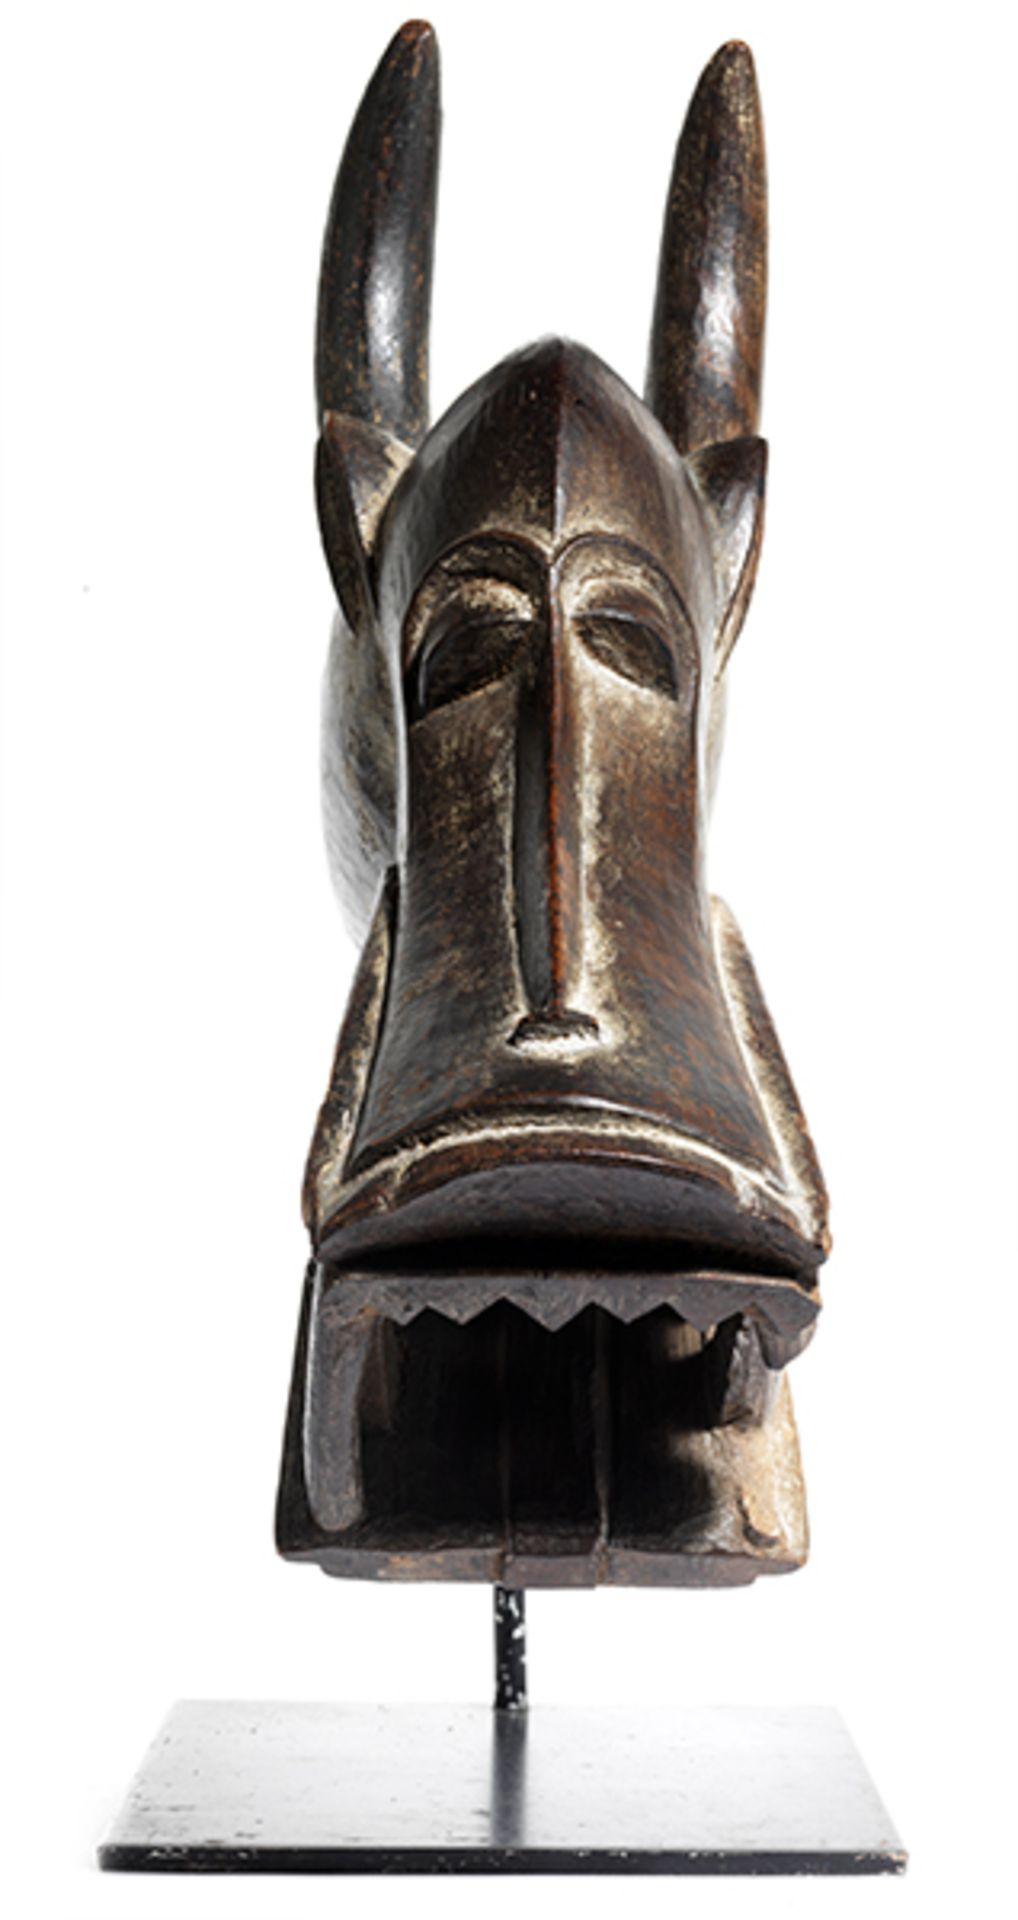 Los 888 - Kponyungo-Maske Höhe inkl. Stand: 37,7 cm. Volk der Senufo, Elfenbeinküste. Die Maske wurde...